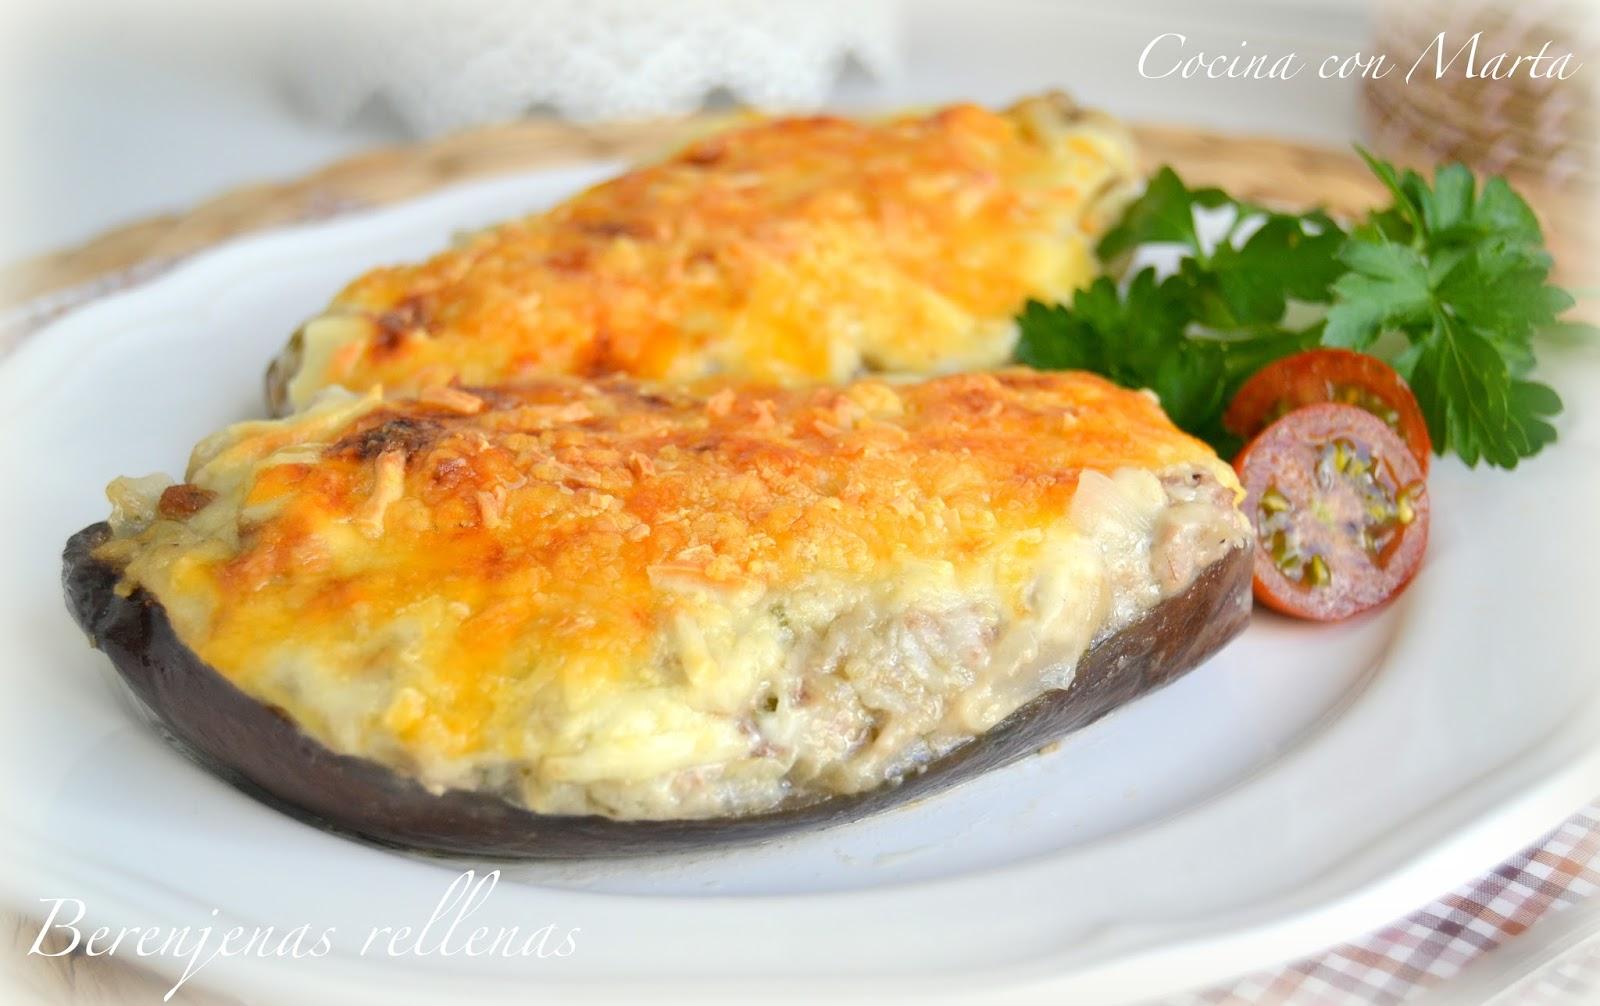 Cocina con marta recetas f ciles r pidas y caseras tenedor for Cocina berenjenas rellenas